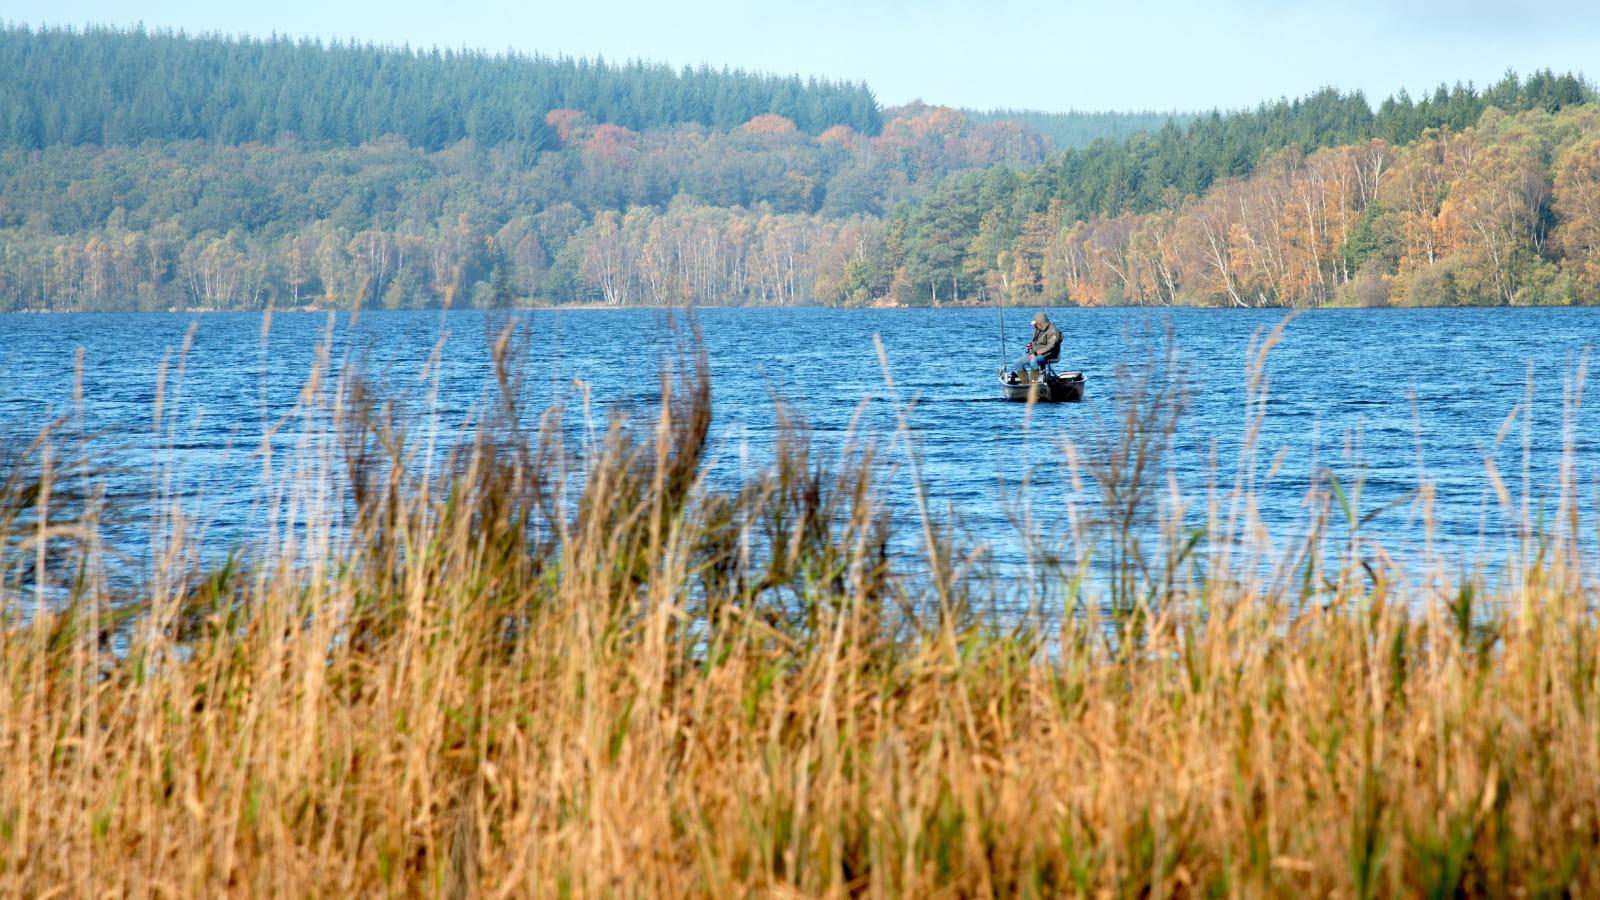 Pêche sur le lac de Saint-Agnan situé sur le Cousin dans le parc naturel régional du Morvan.